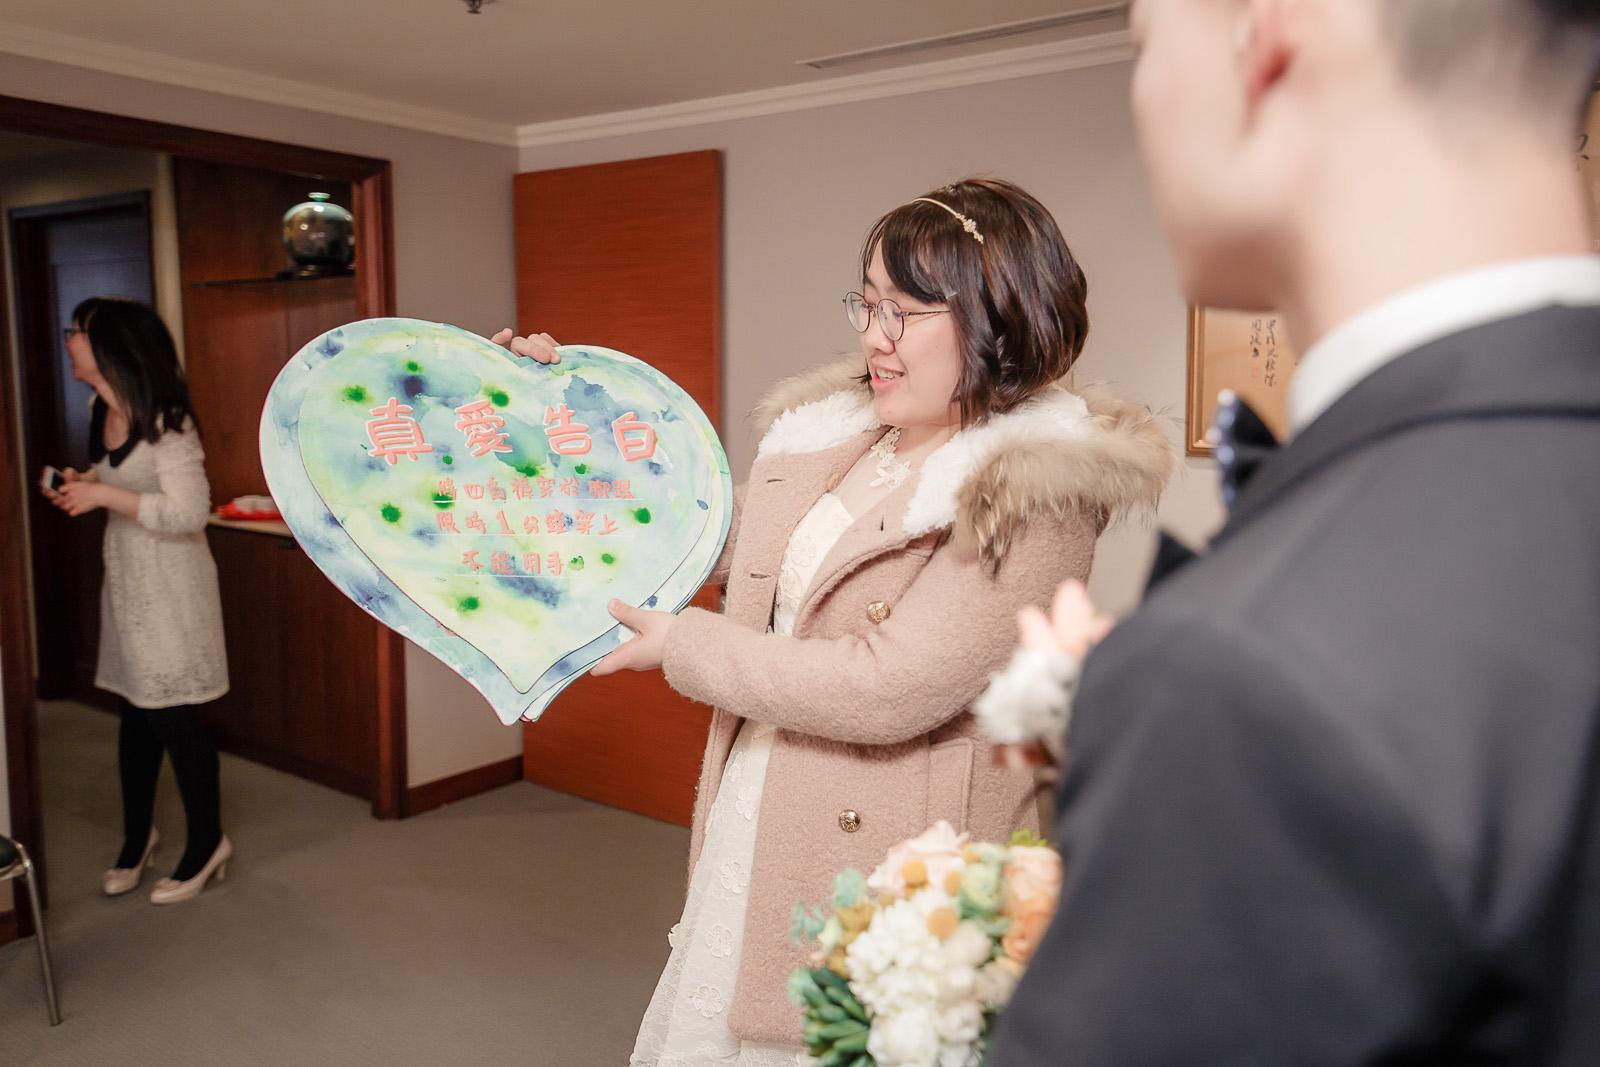 高雄圓山飯店,婚禮攝影,婚攝,高雄婚攝,優質婚攝推薦,Jen&Ethan-115